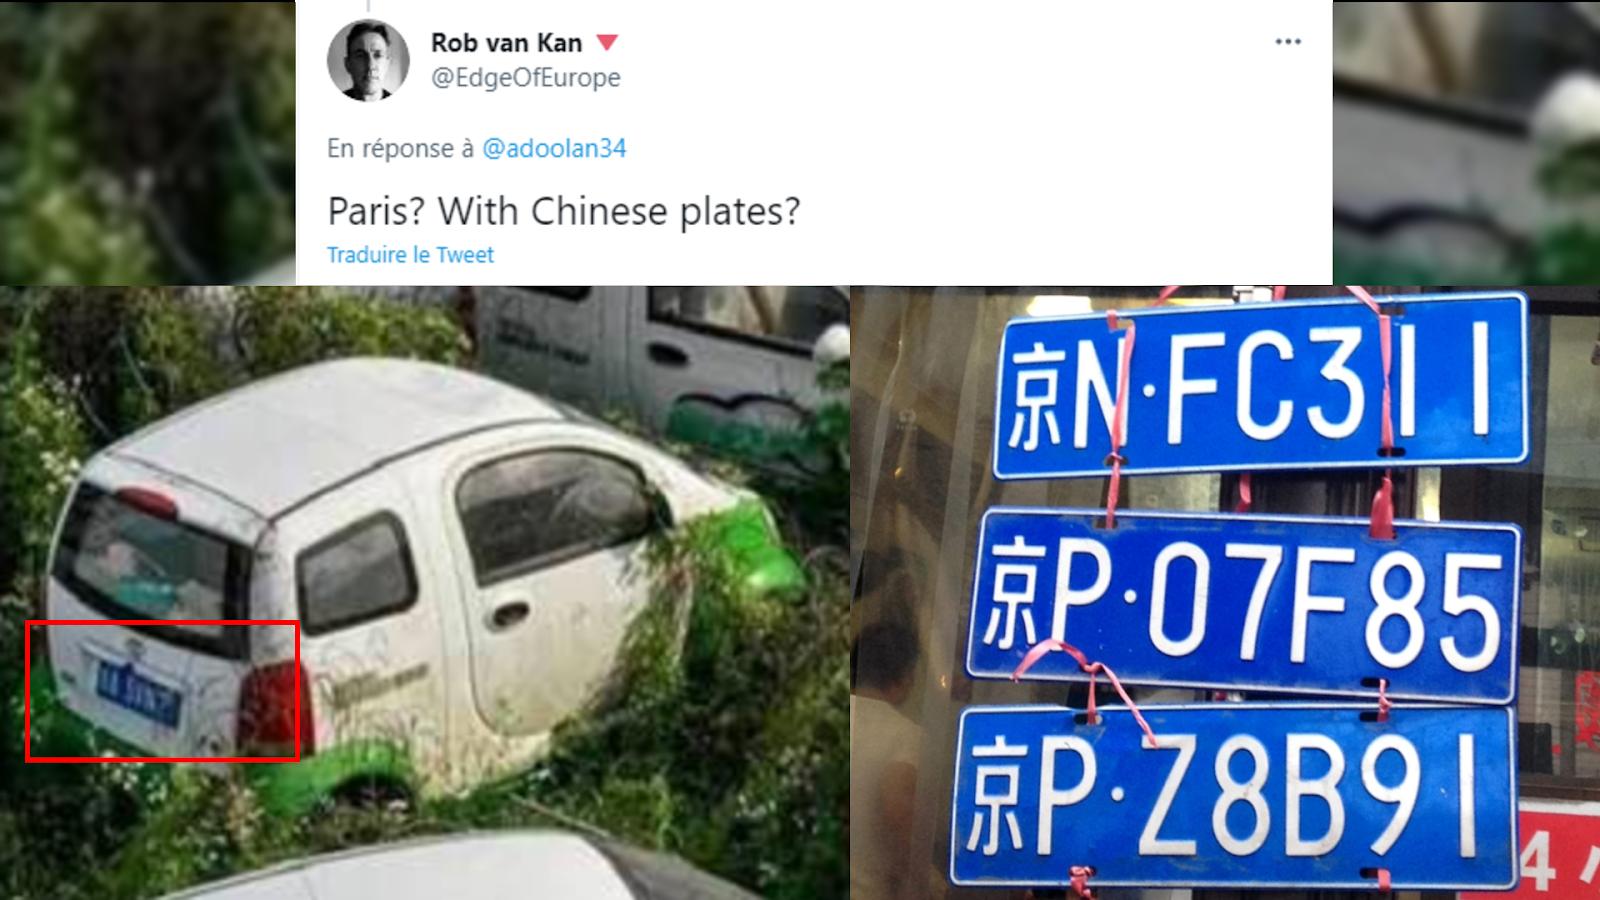 Capture d'écran des images partagées dans le tweet de @EdgeofEurope, comparant les plaques d'immatriculation visibles sur l'image virale, et des plaques d'immatriculation chinoises.